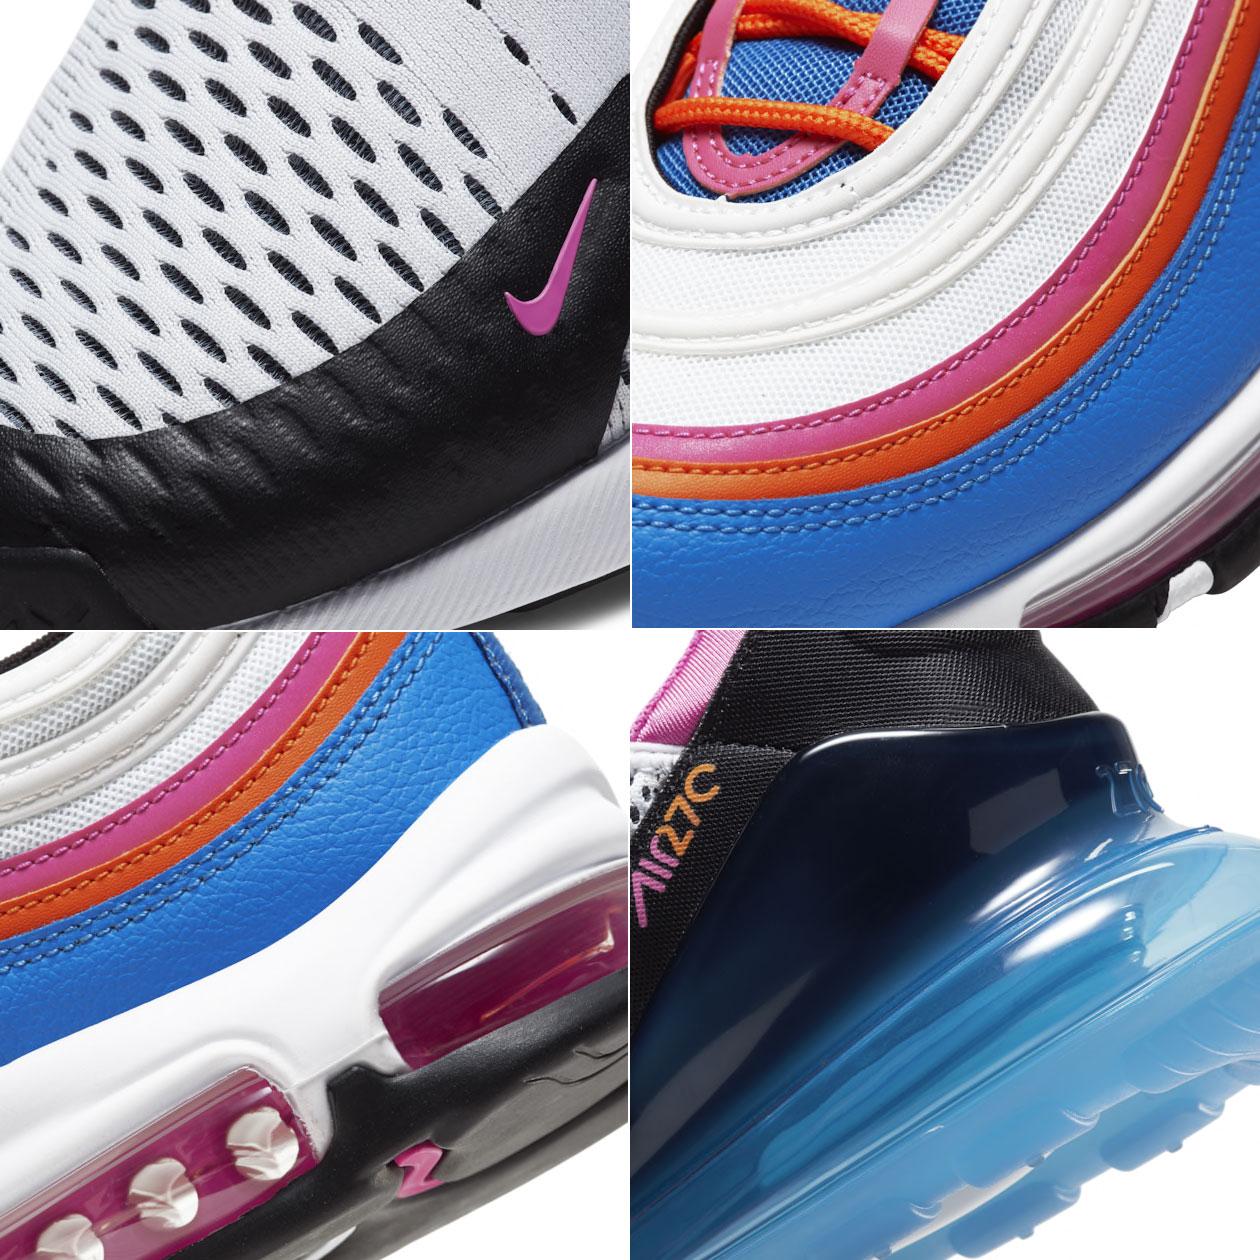 nike-air-nrg-sneakers